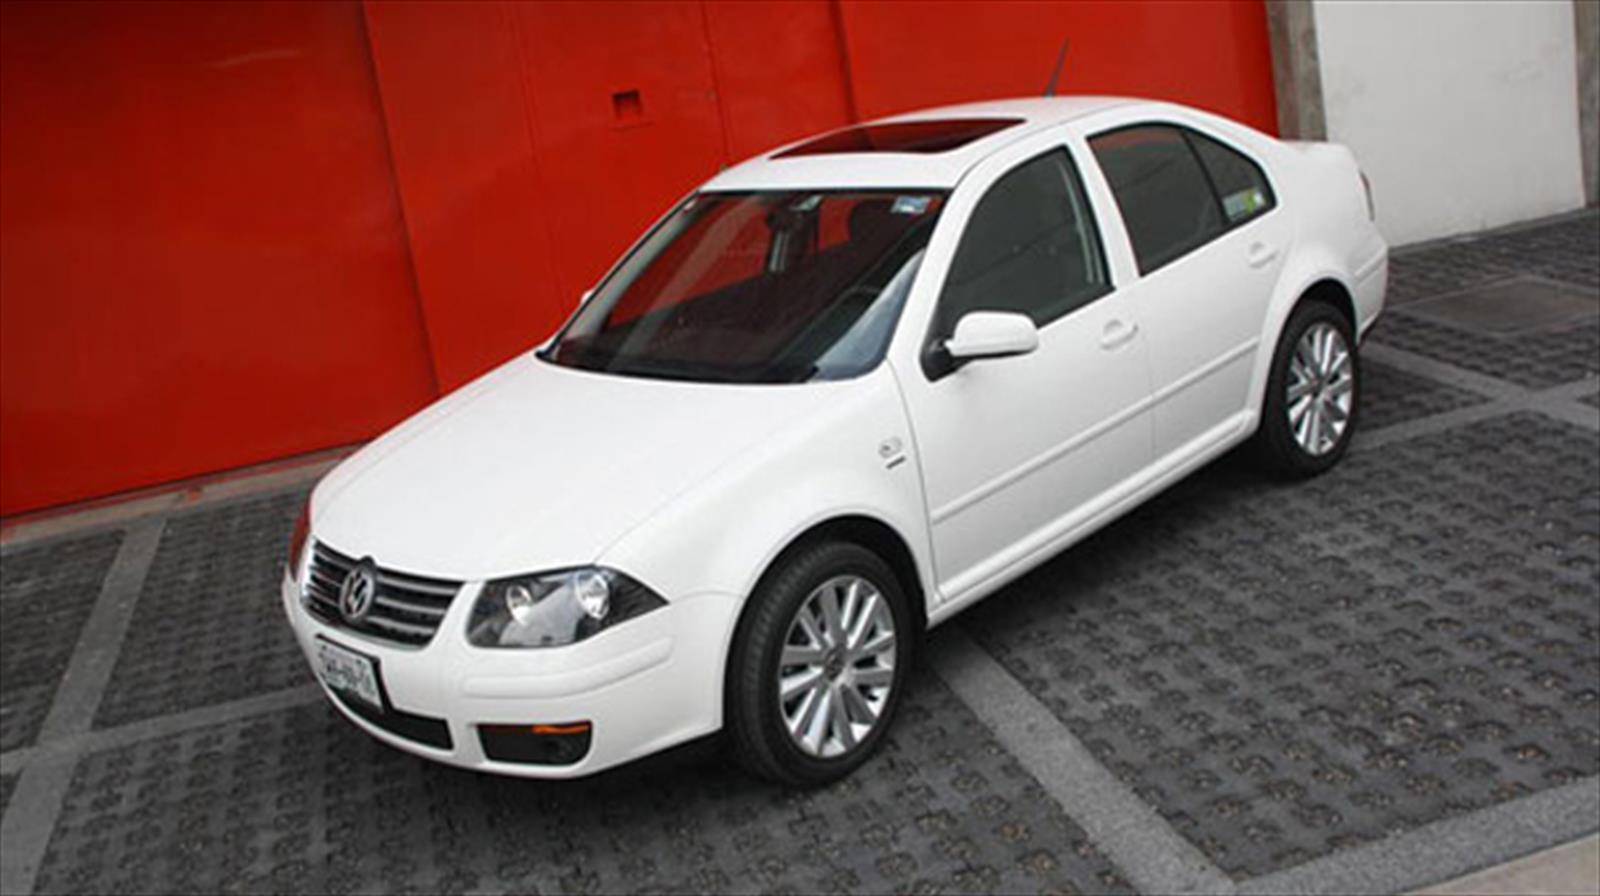 Nuevo Jetta 2019 >> ¡Adiós al Volkswagen Clásico! (Jetta IV) - Autocosmos.com